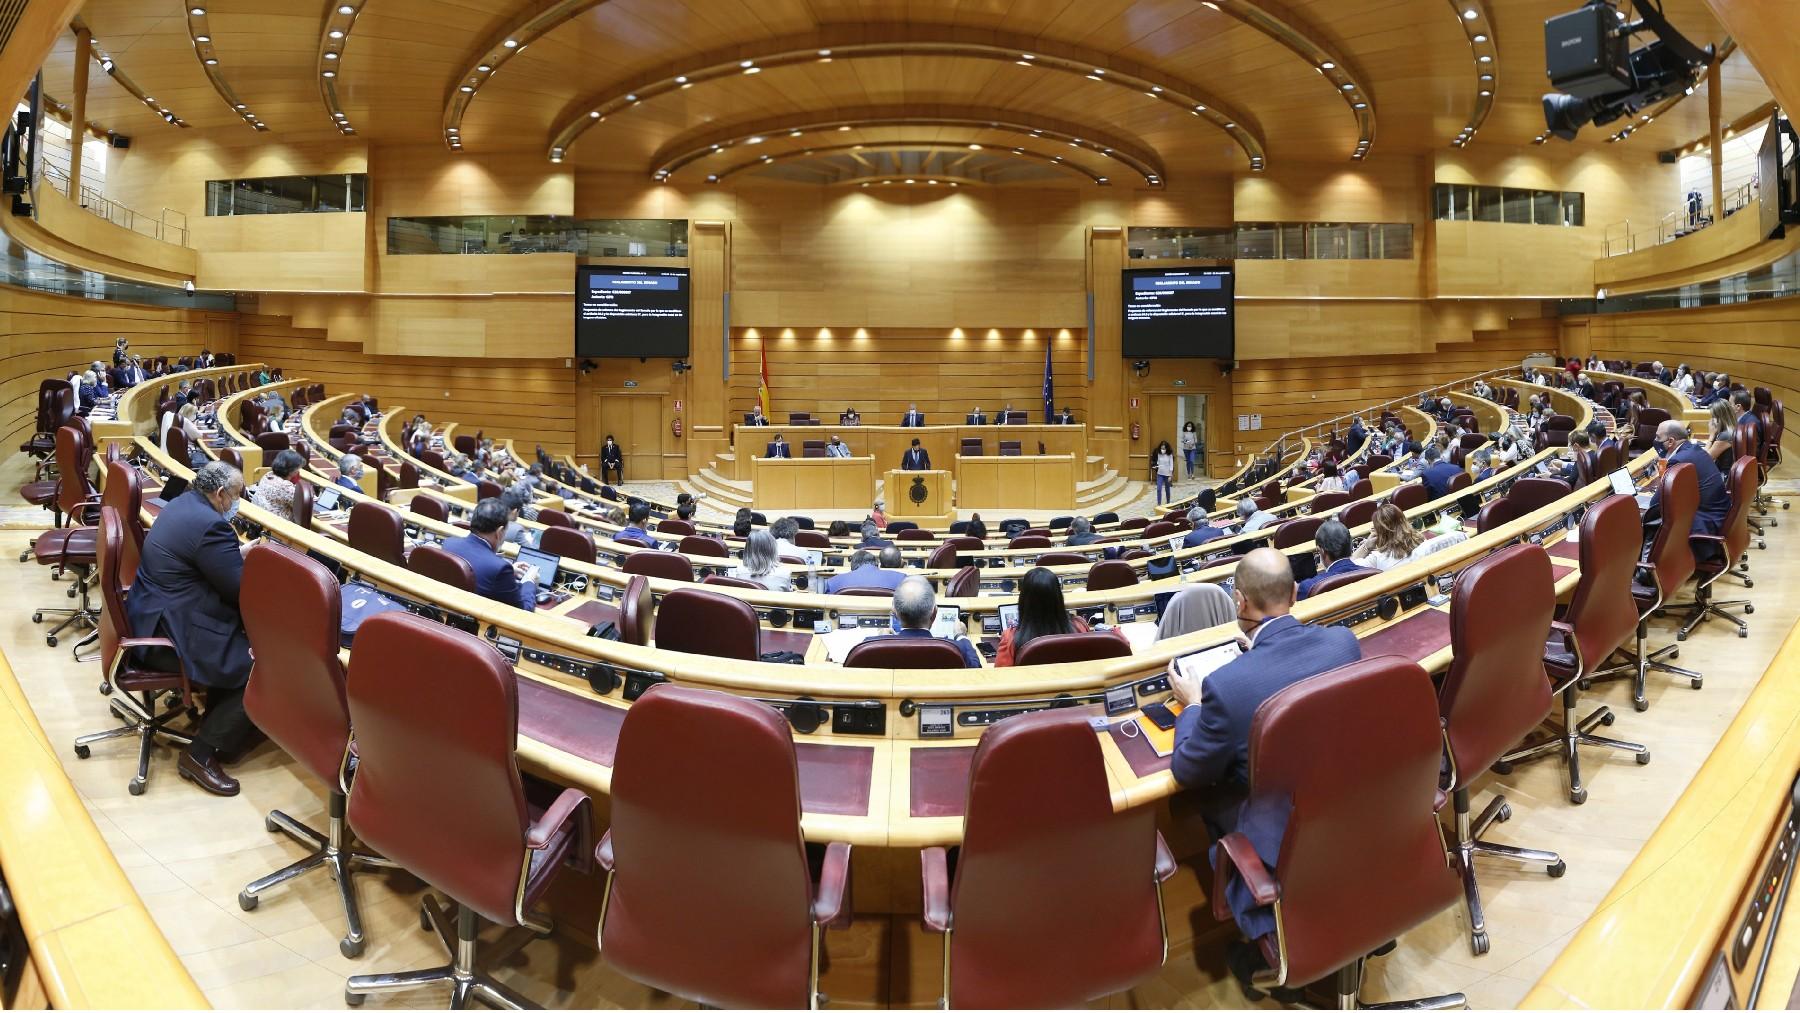 Imagen del Pleno del Senado esta semana. (Foto: Senado)